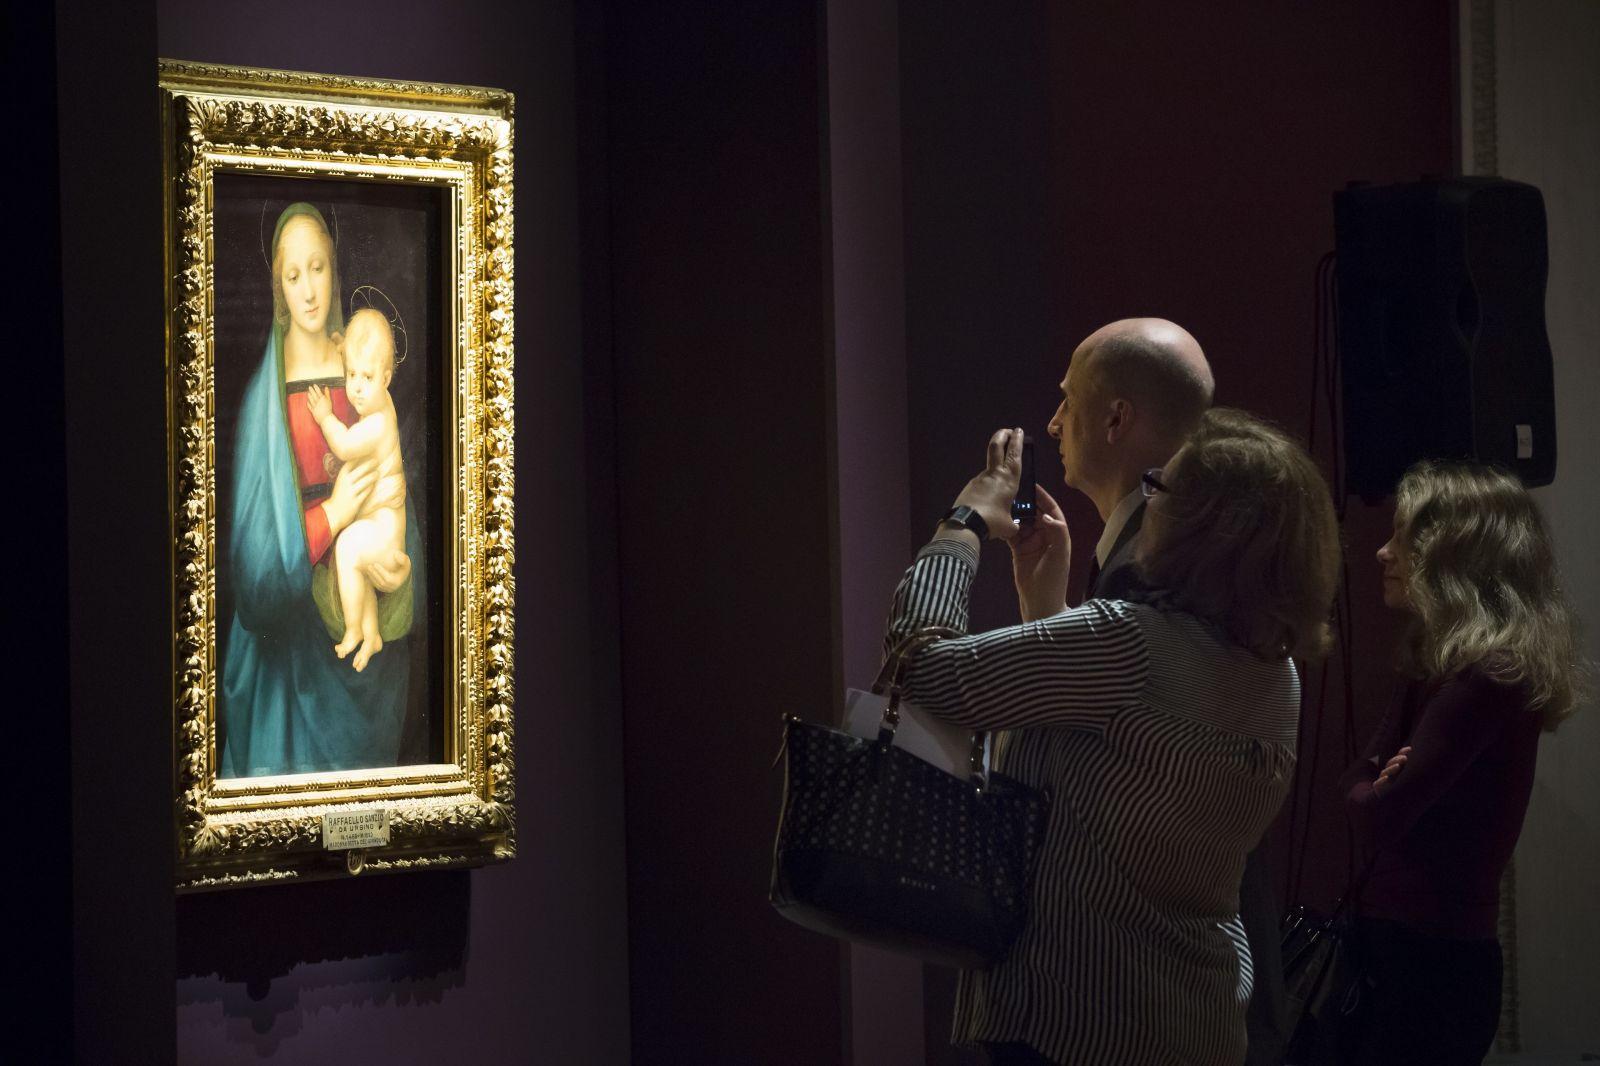 Galéria Uffizi